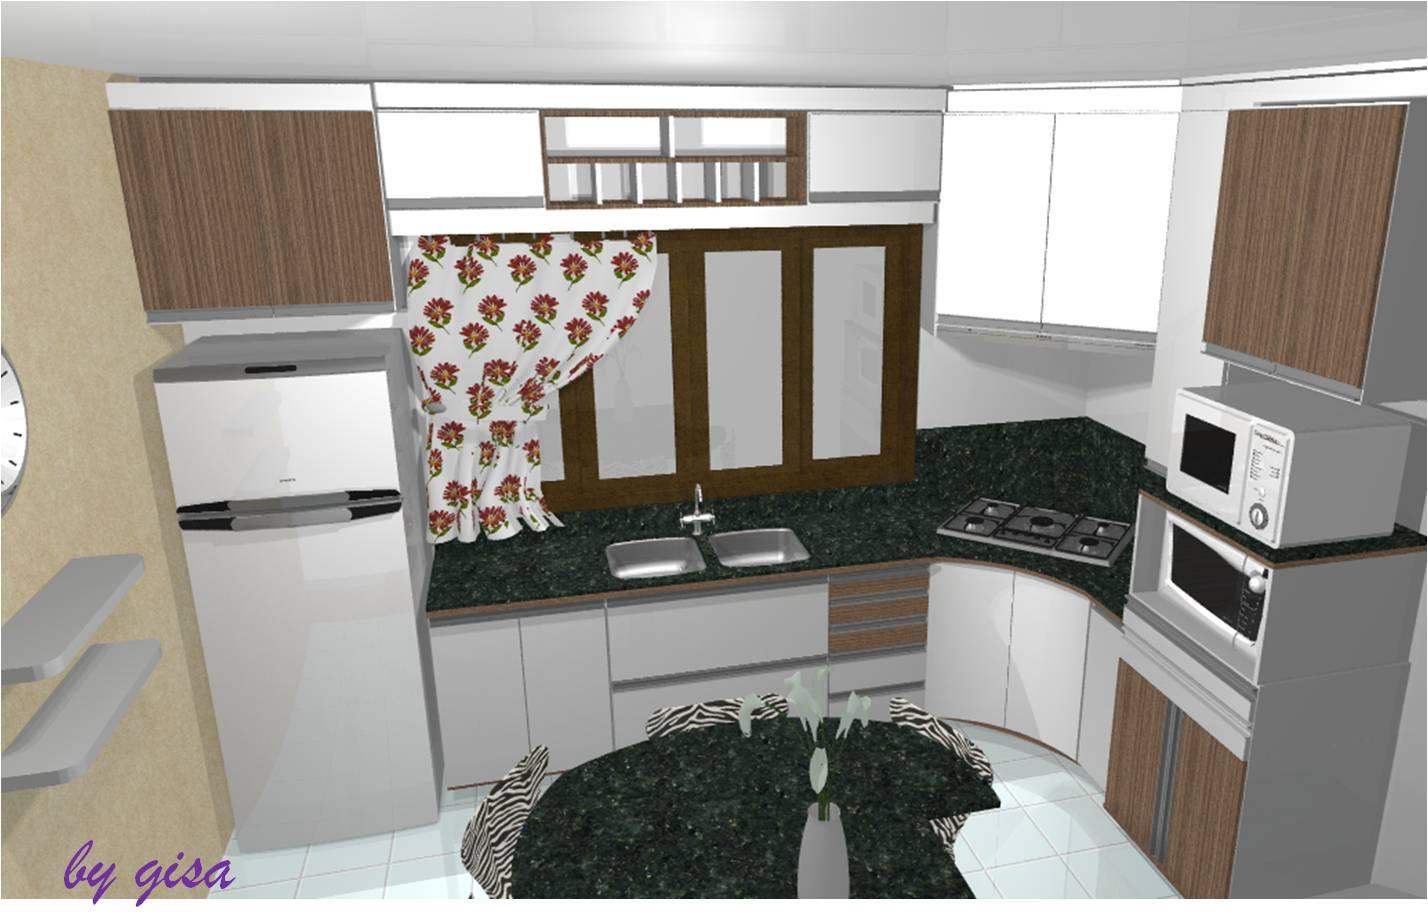 Projeto Feito Sonho Realizado: 02/01/2011 03/01/2011 #703E8D 1428 923